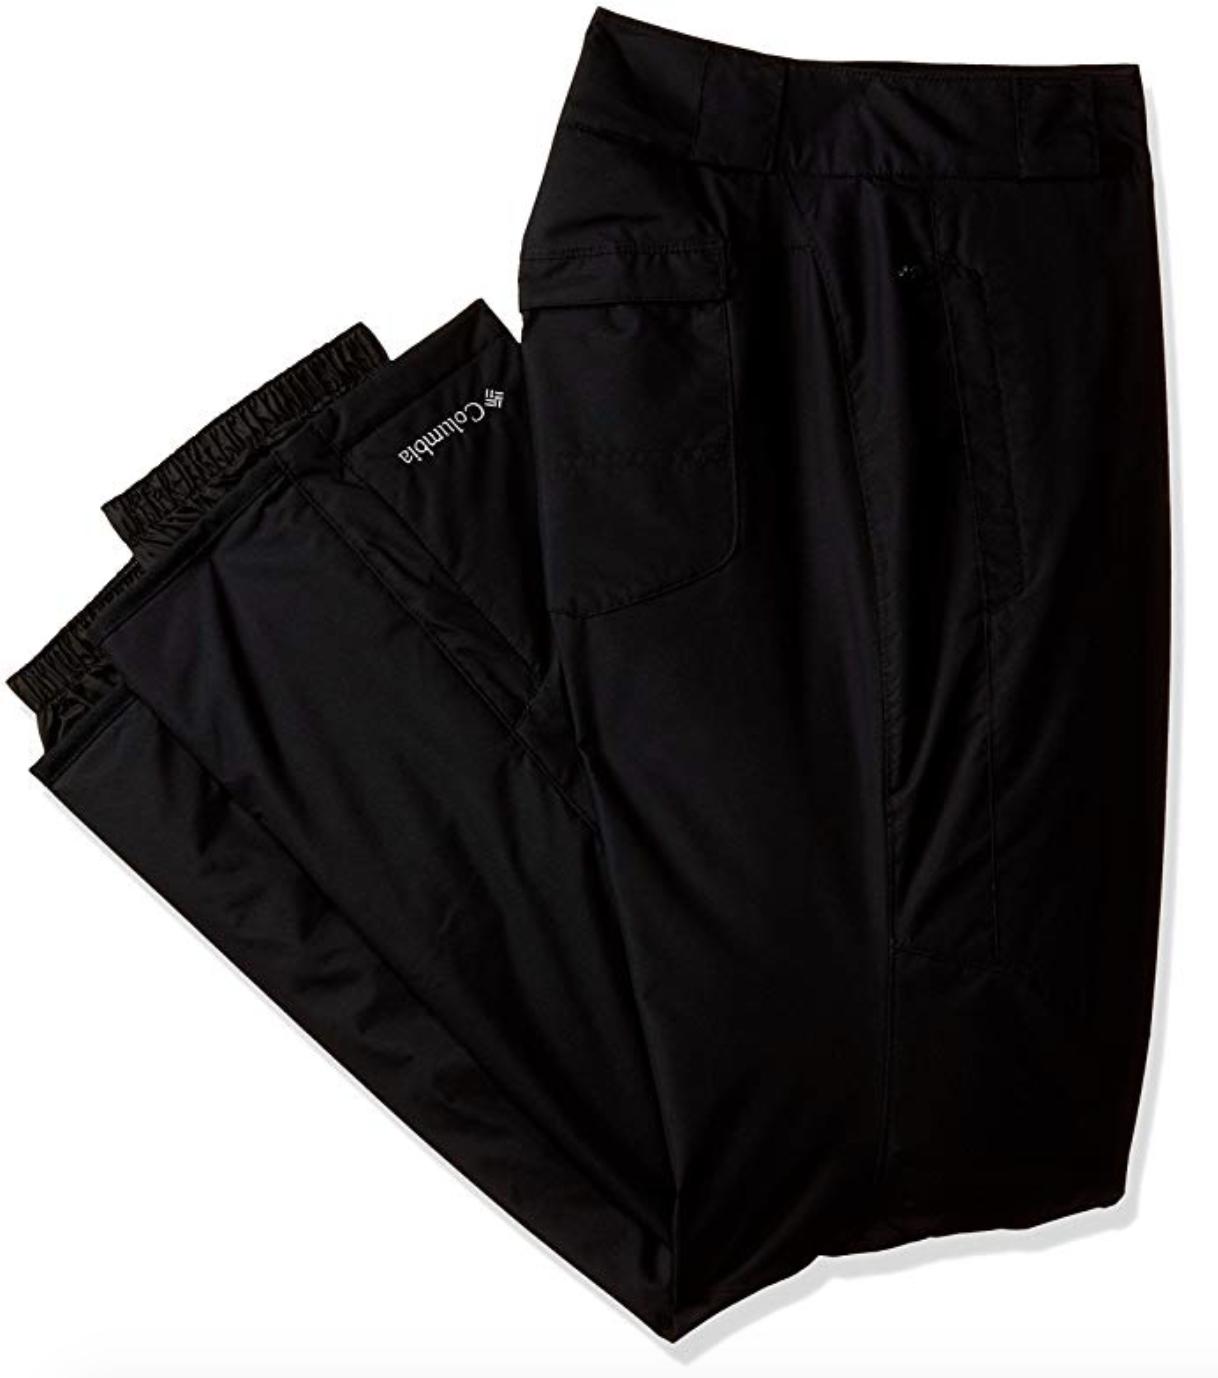 Columbia Women's Bugaboo II Ski Pants Under $150